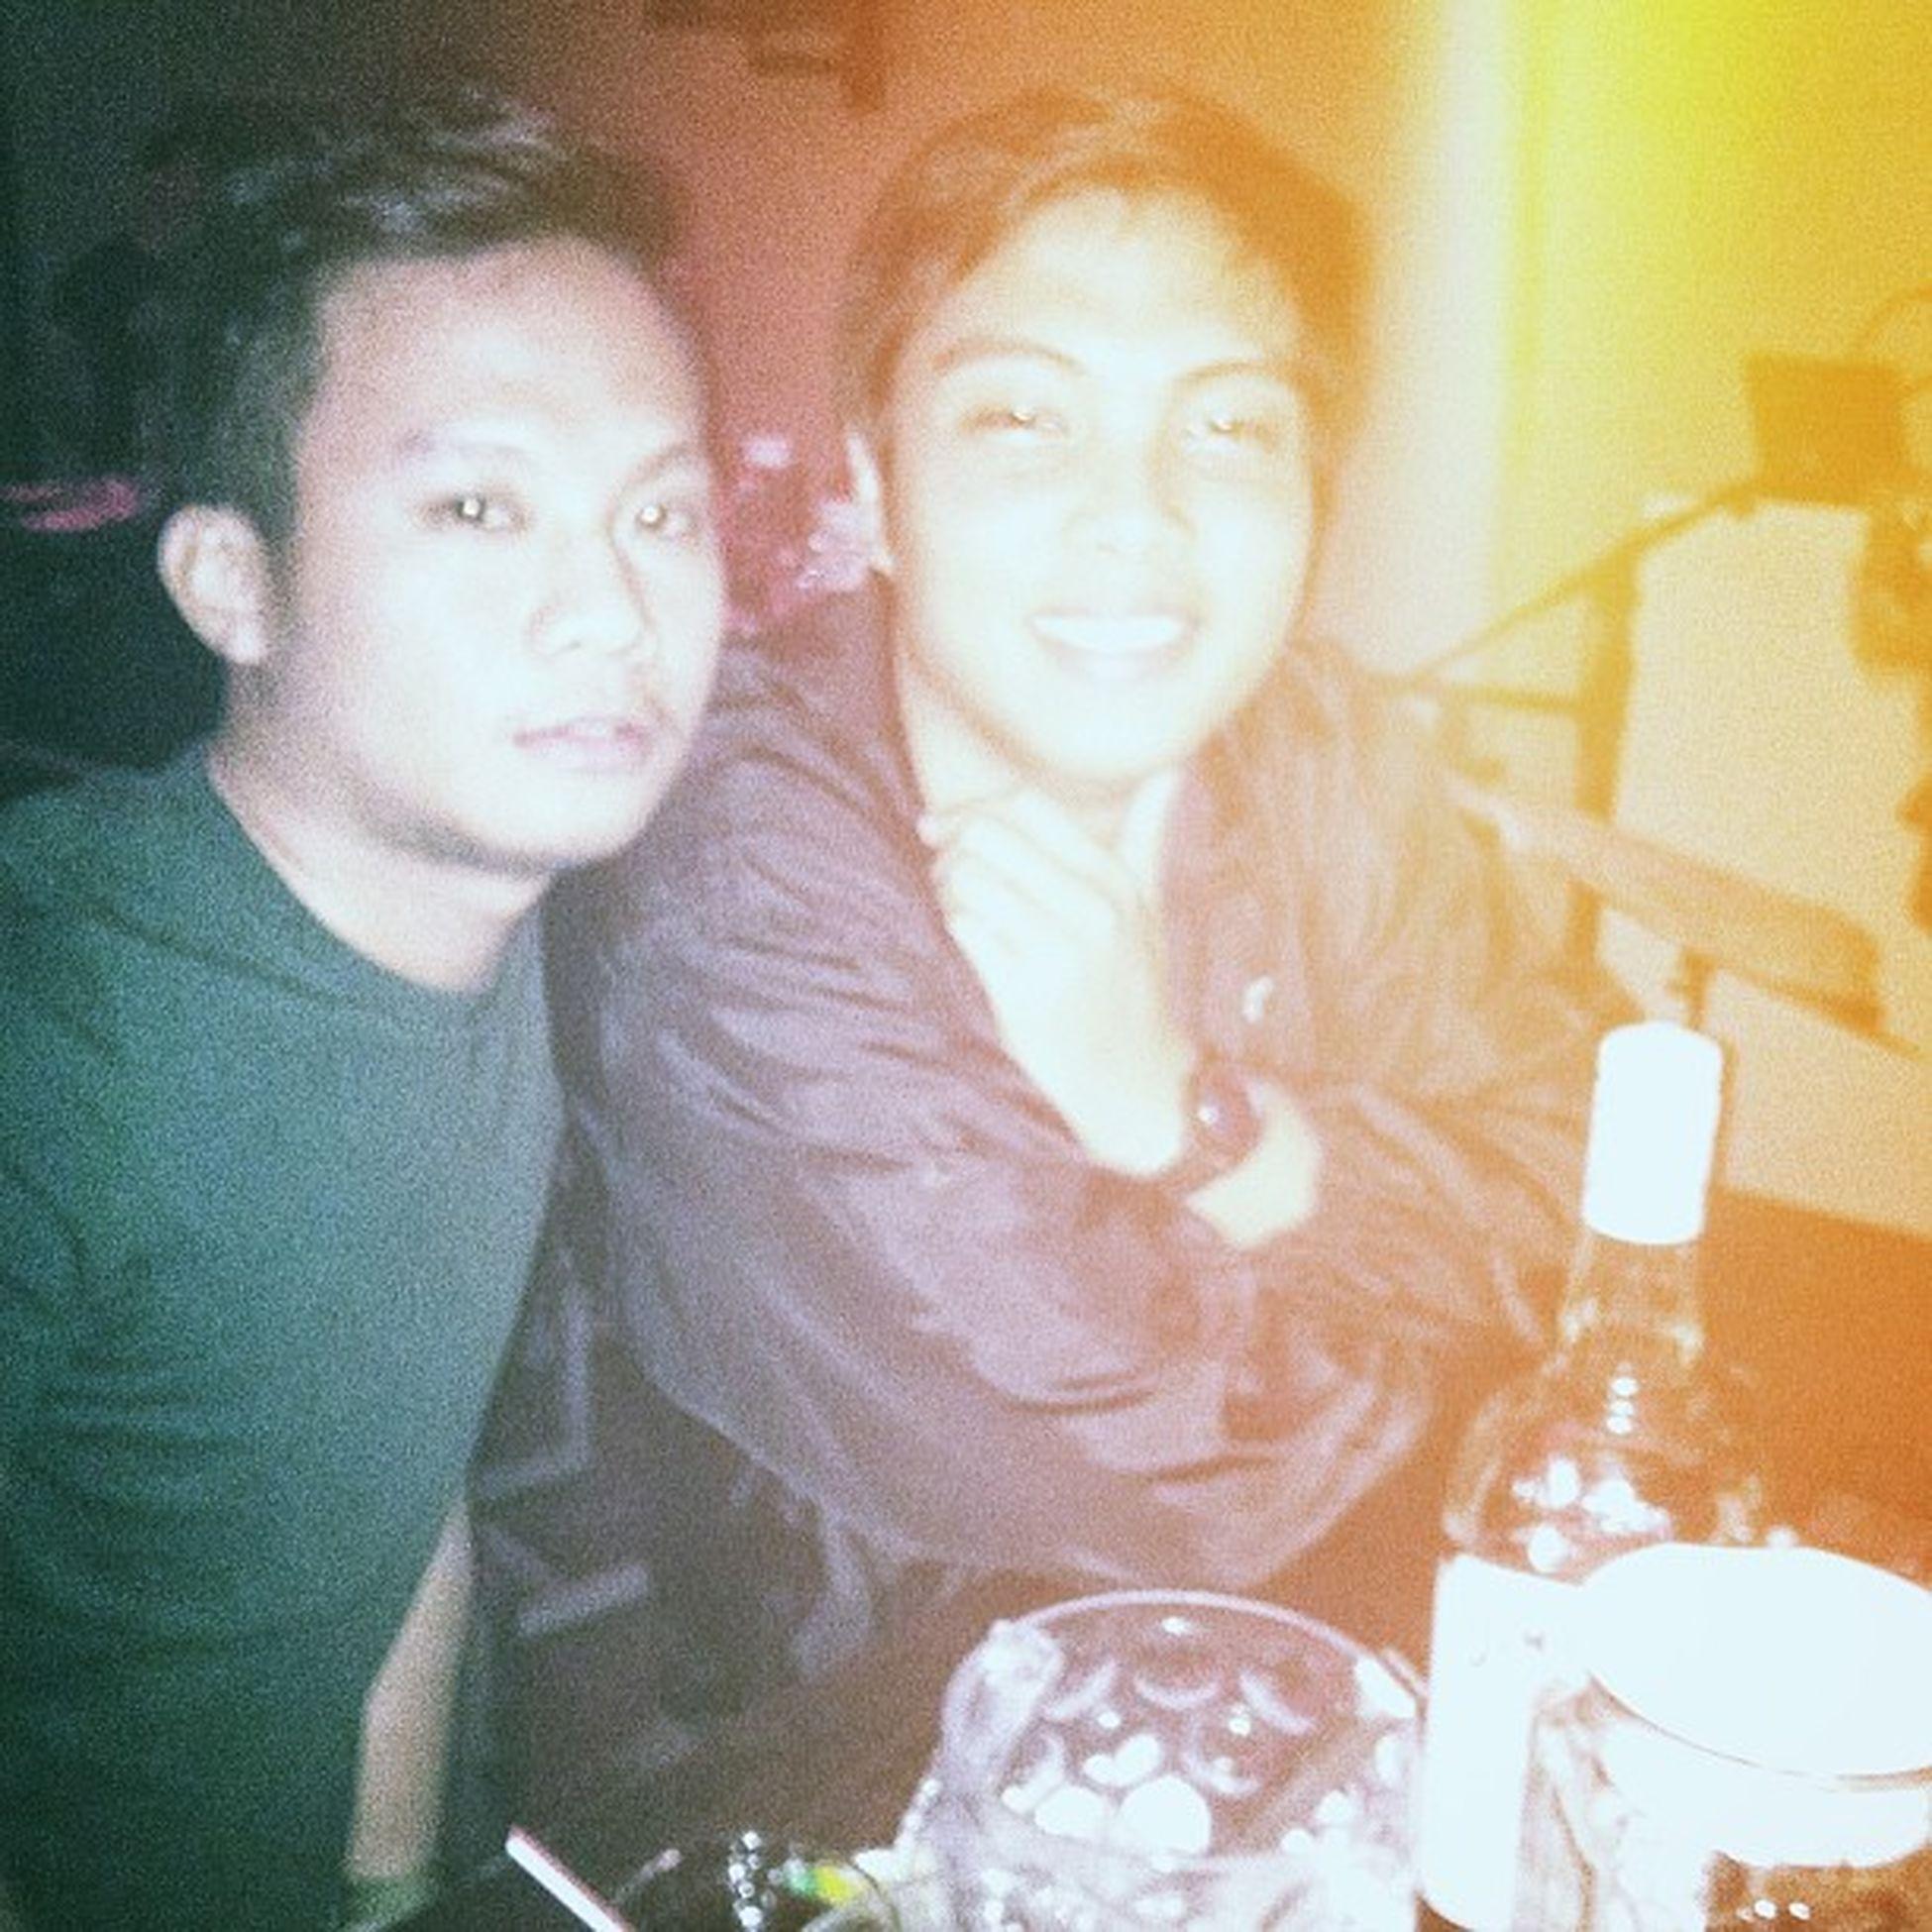 I love you both so much! ????❤@mjestrabon@kinleymontalba